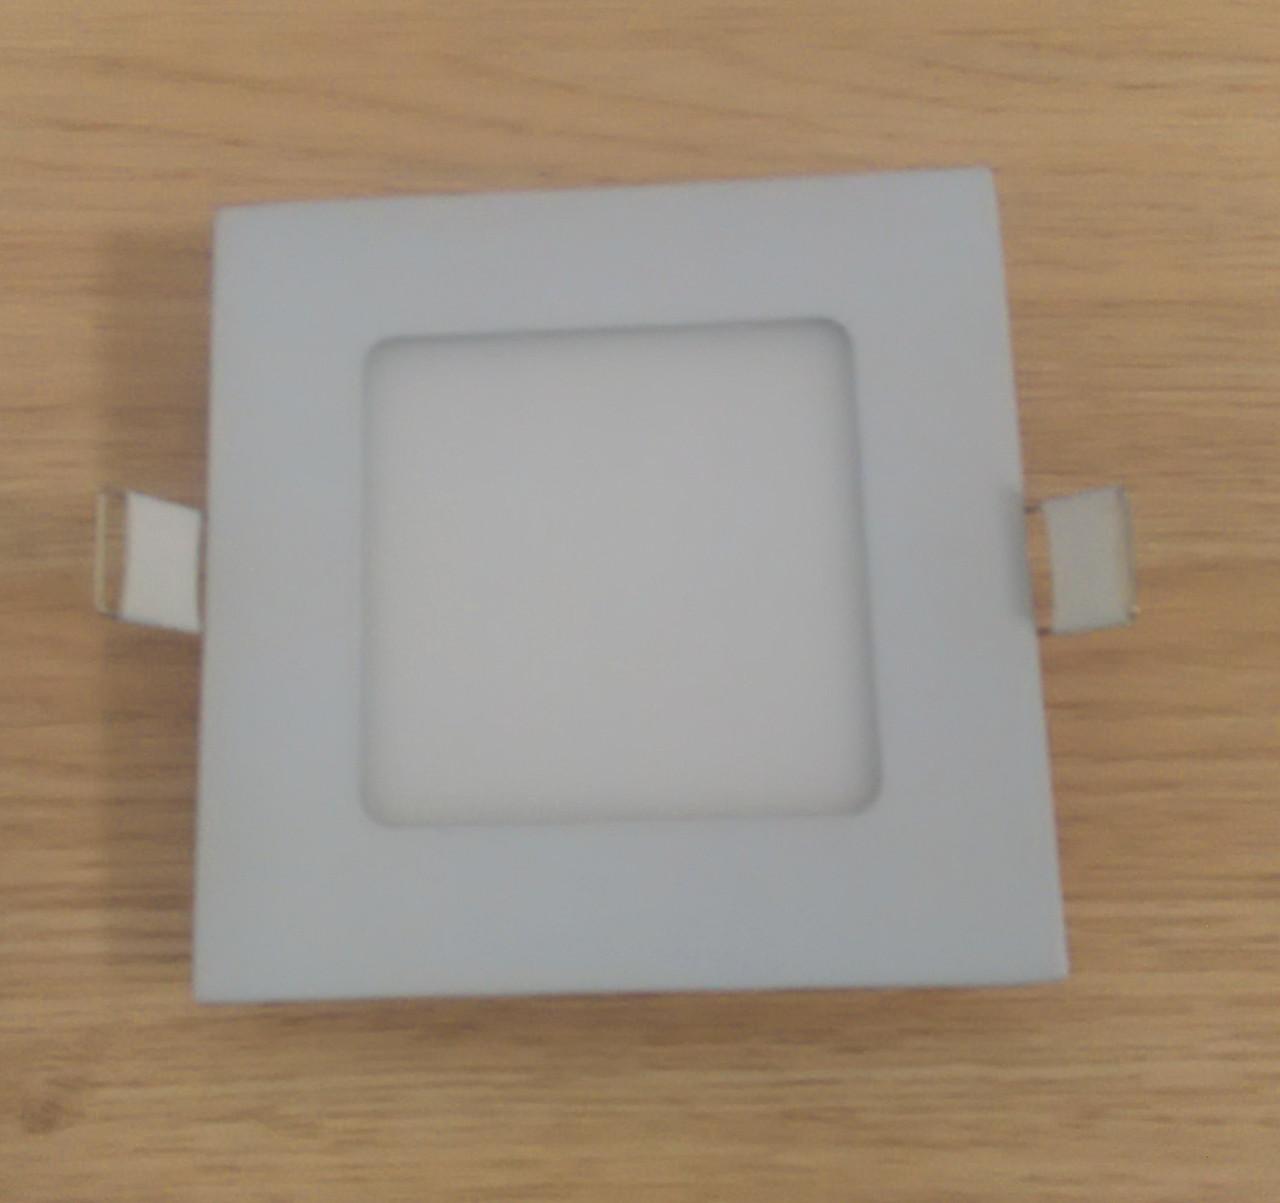 Светильник врезной LED Downlight  6W 6500K/4000К/3000К  120х120х19мм квадратный алюминиевый корпус !